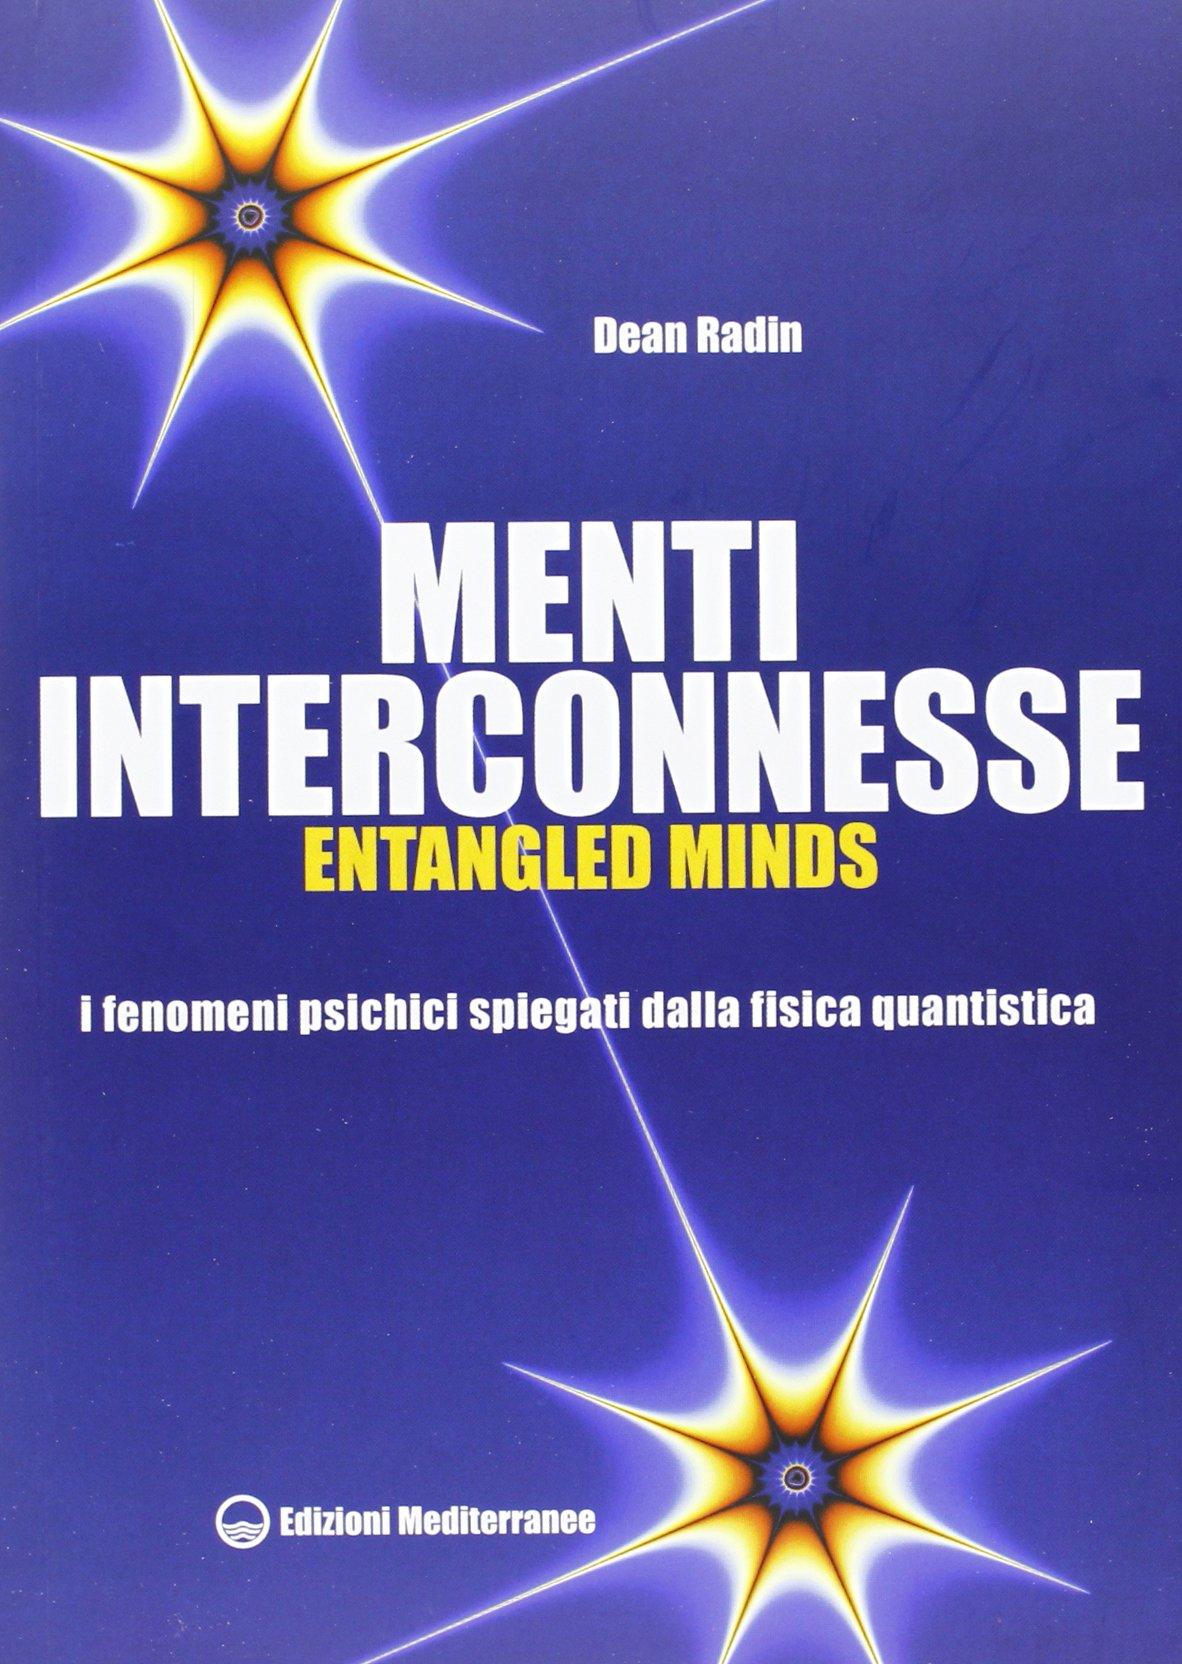 Dean Radin menti interconnesse